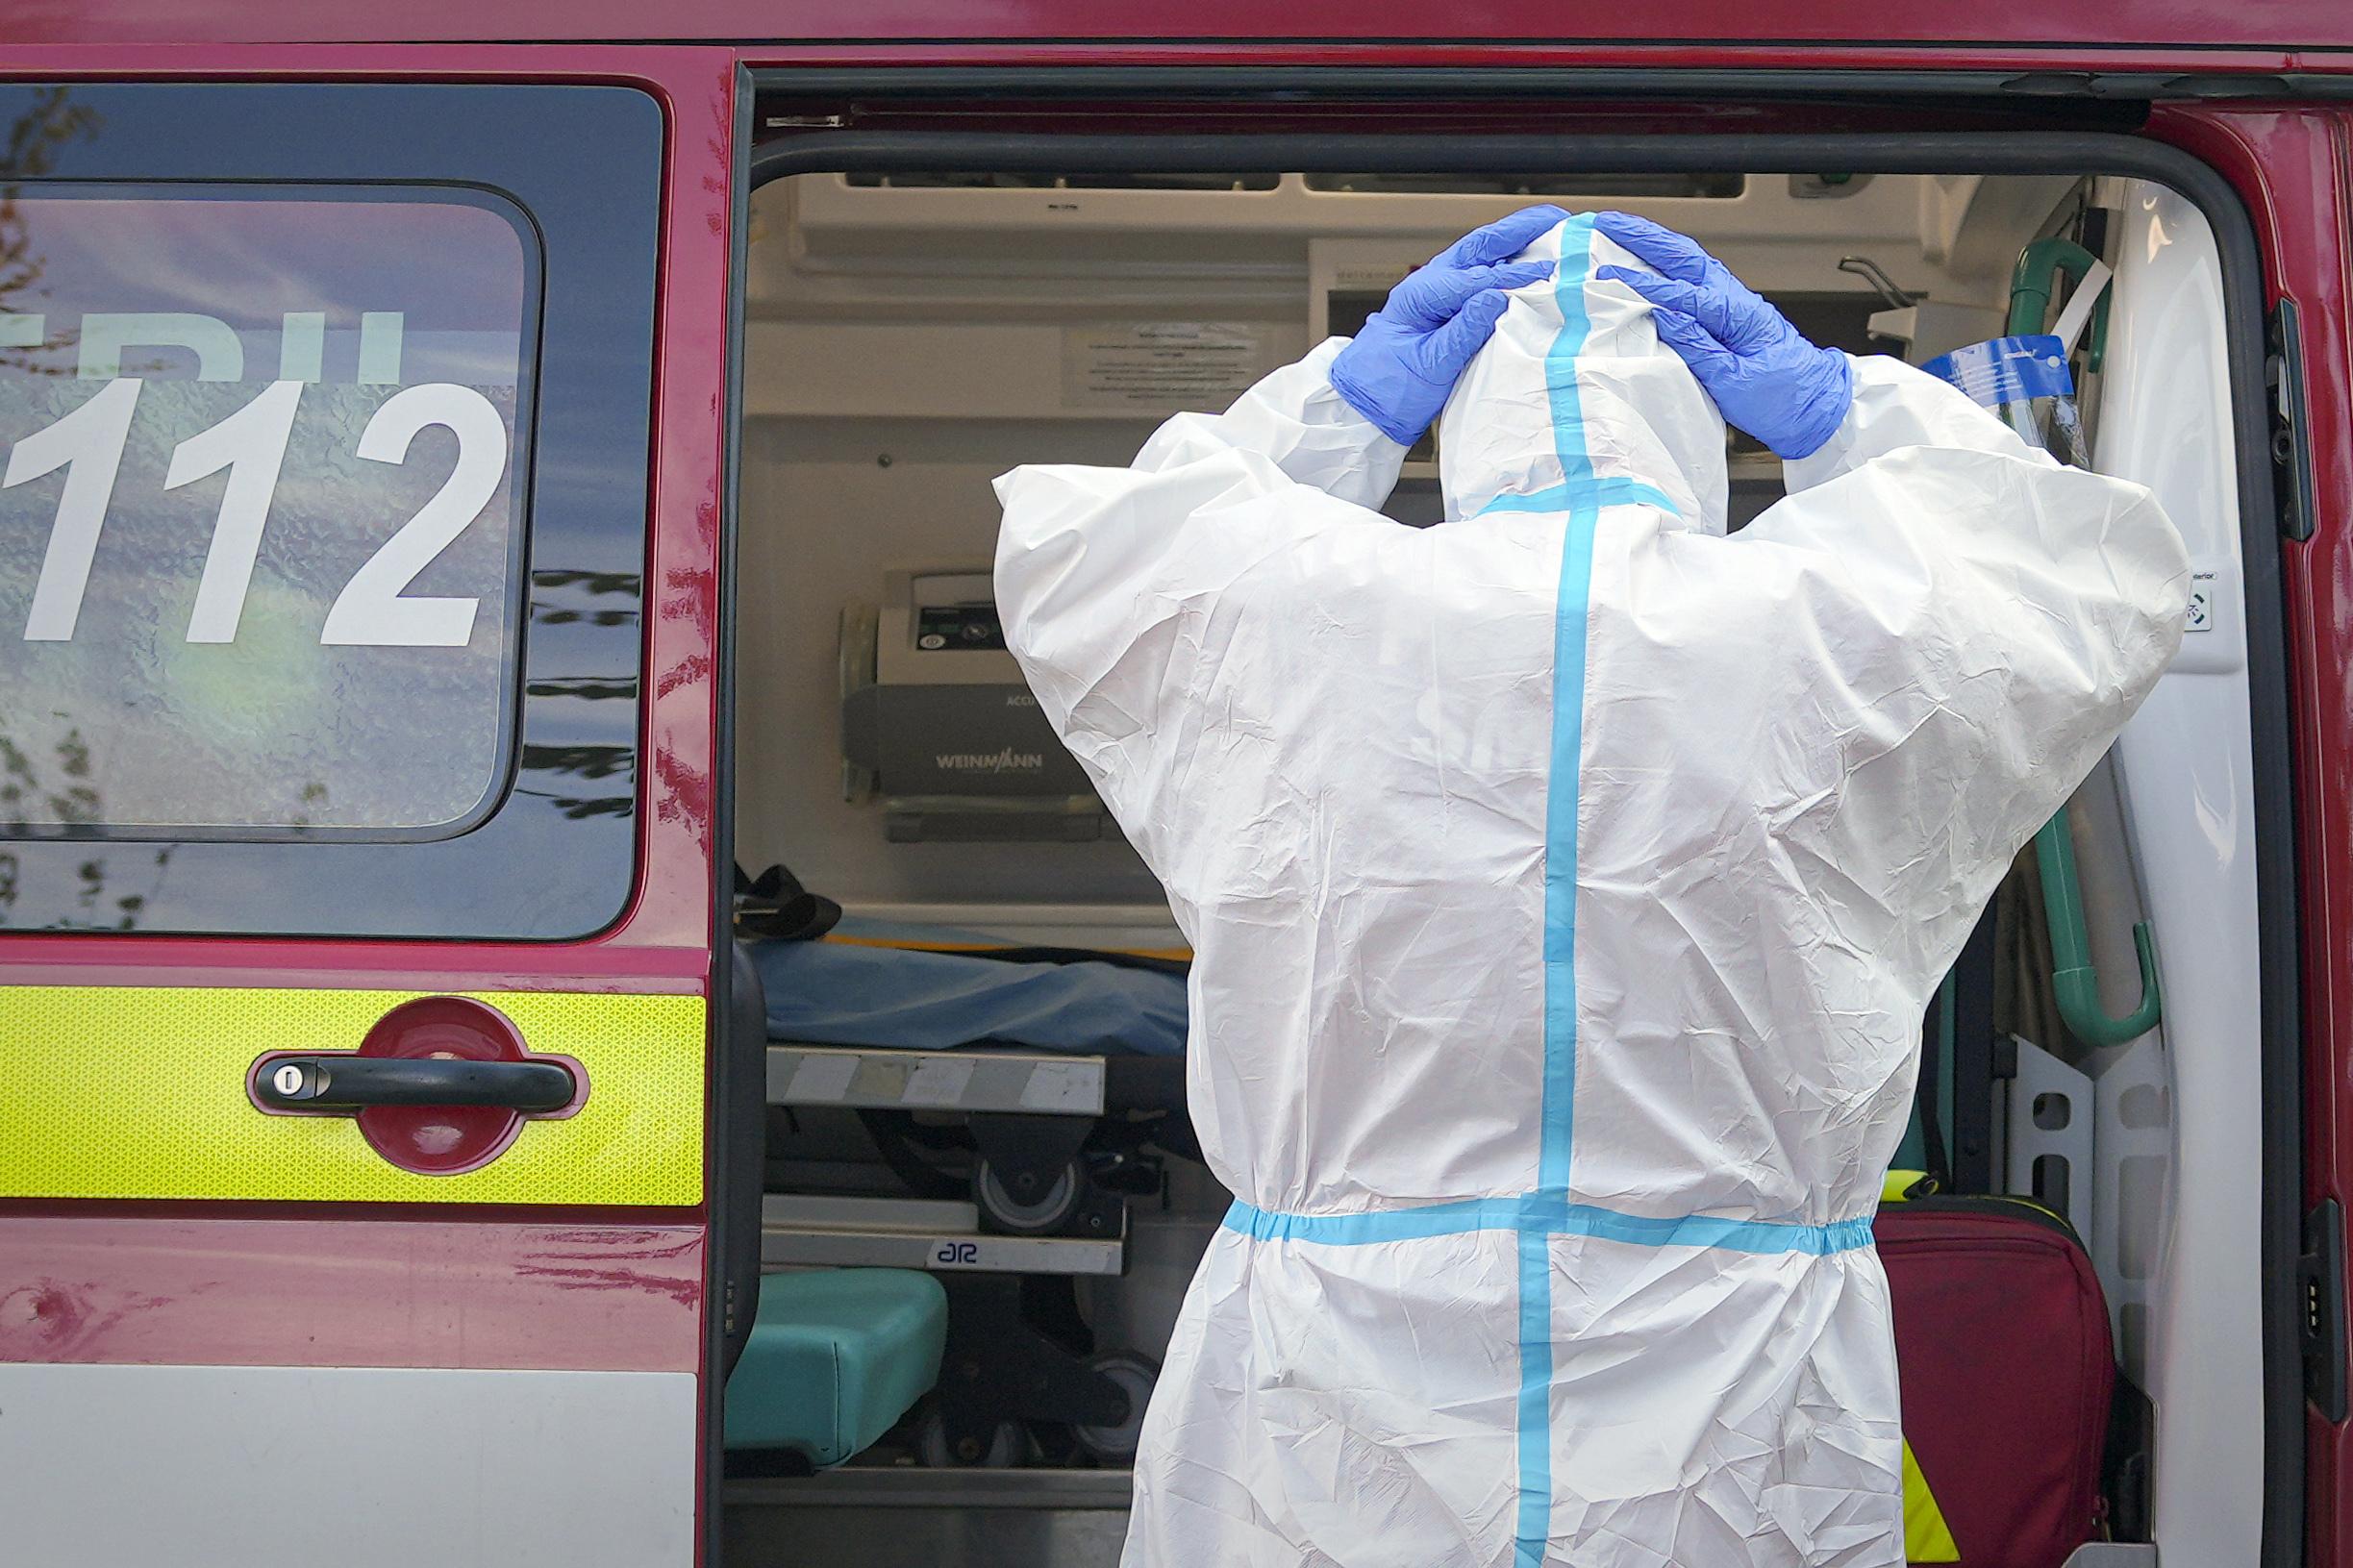 Dal Baltico ai Balcani: la pandemia racconta l'Europa che non c'è